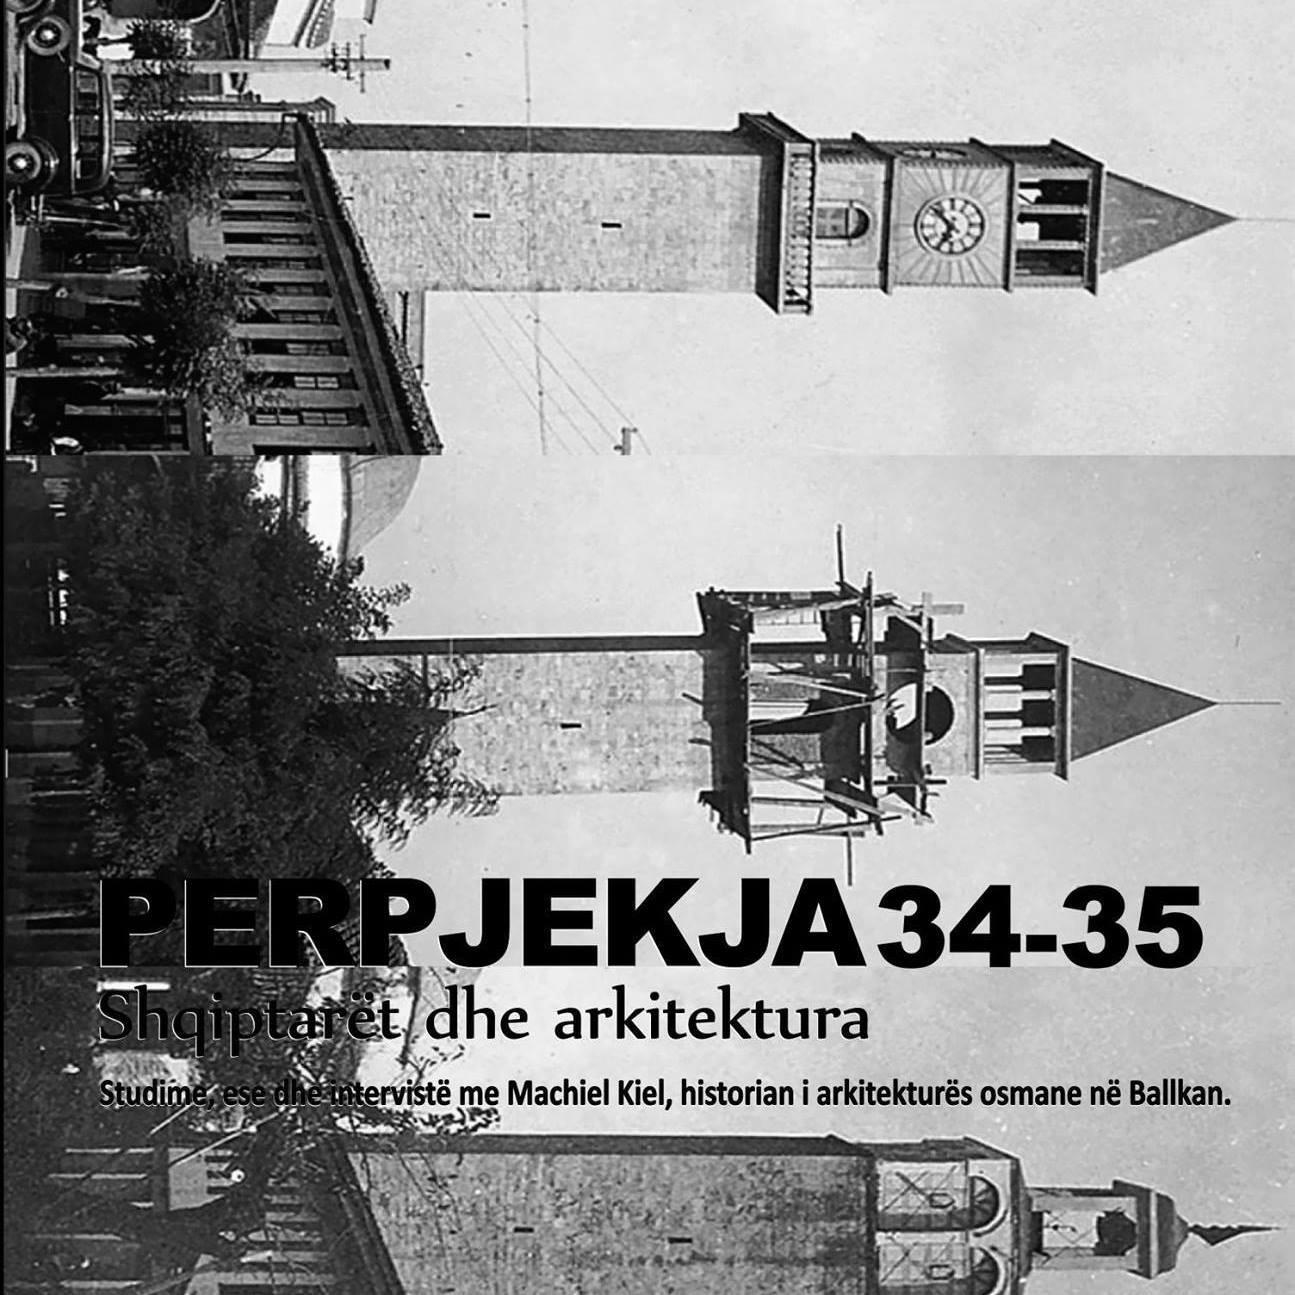 Përpjekja 34-25 Shqiptarët dhe arkitektura